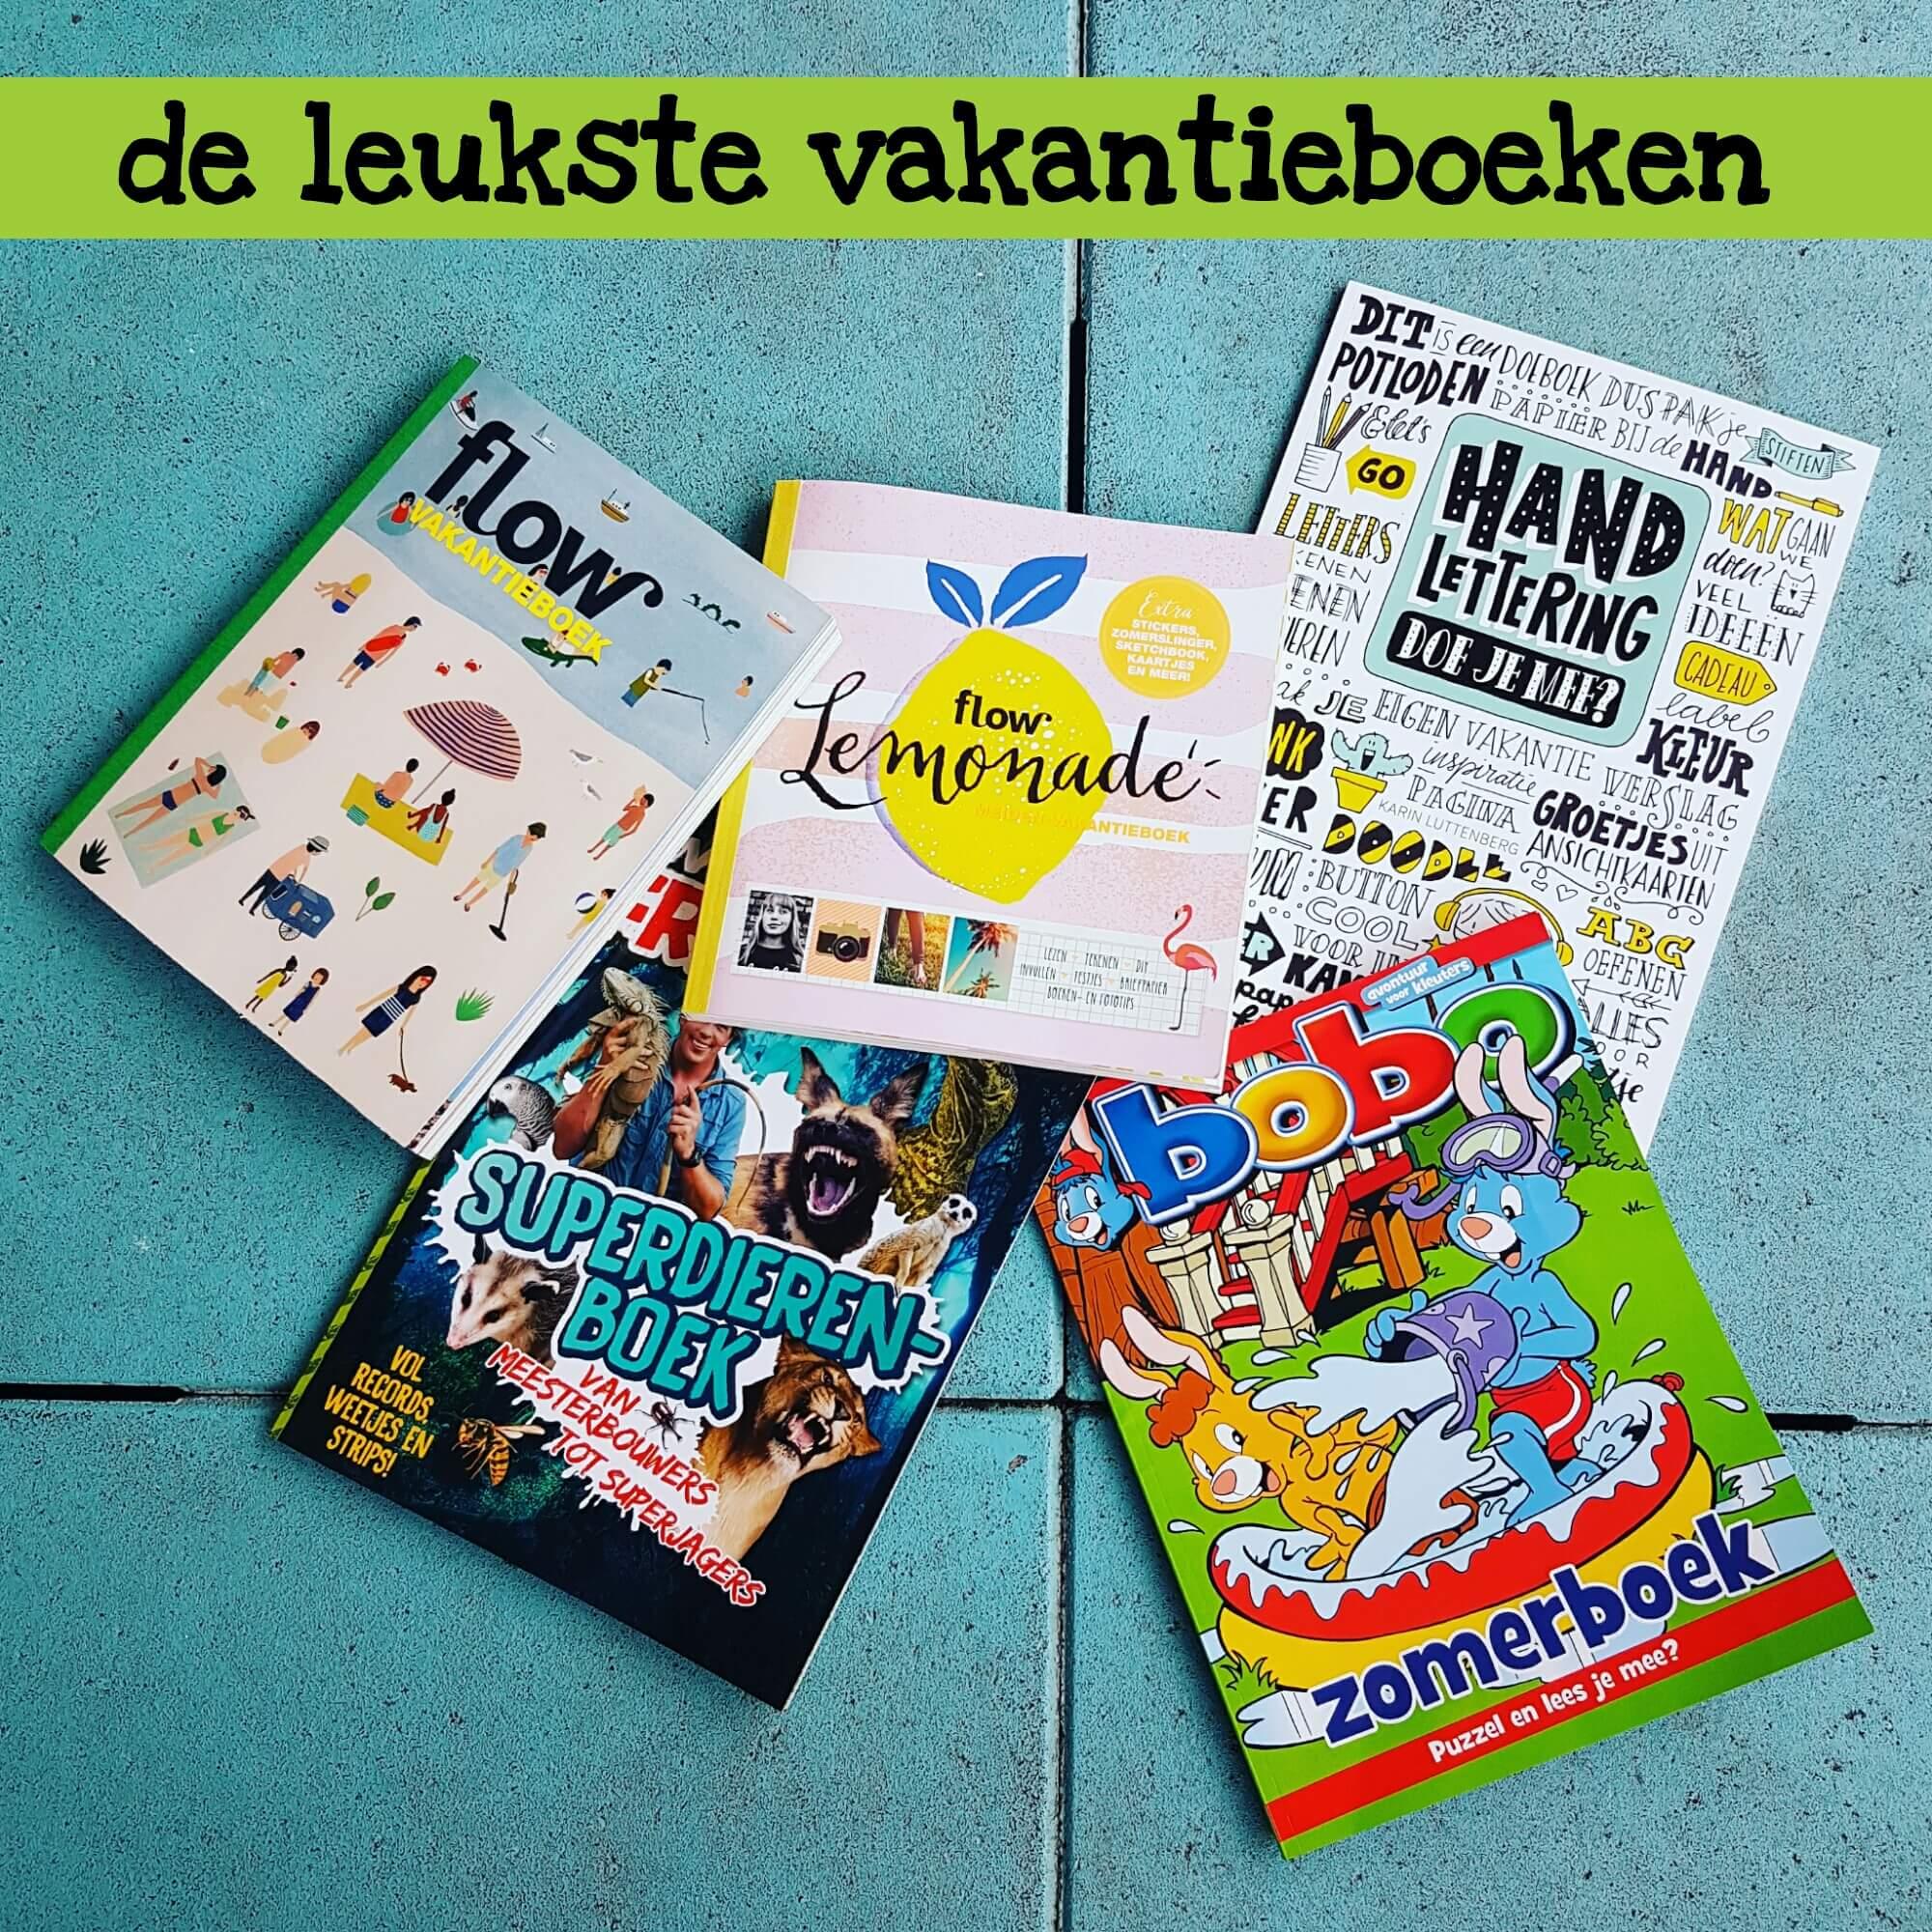 De leukste vakantieboeken voor het hele gezin